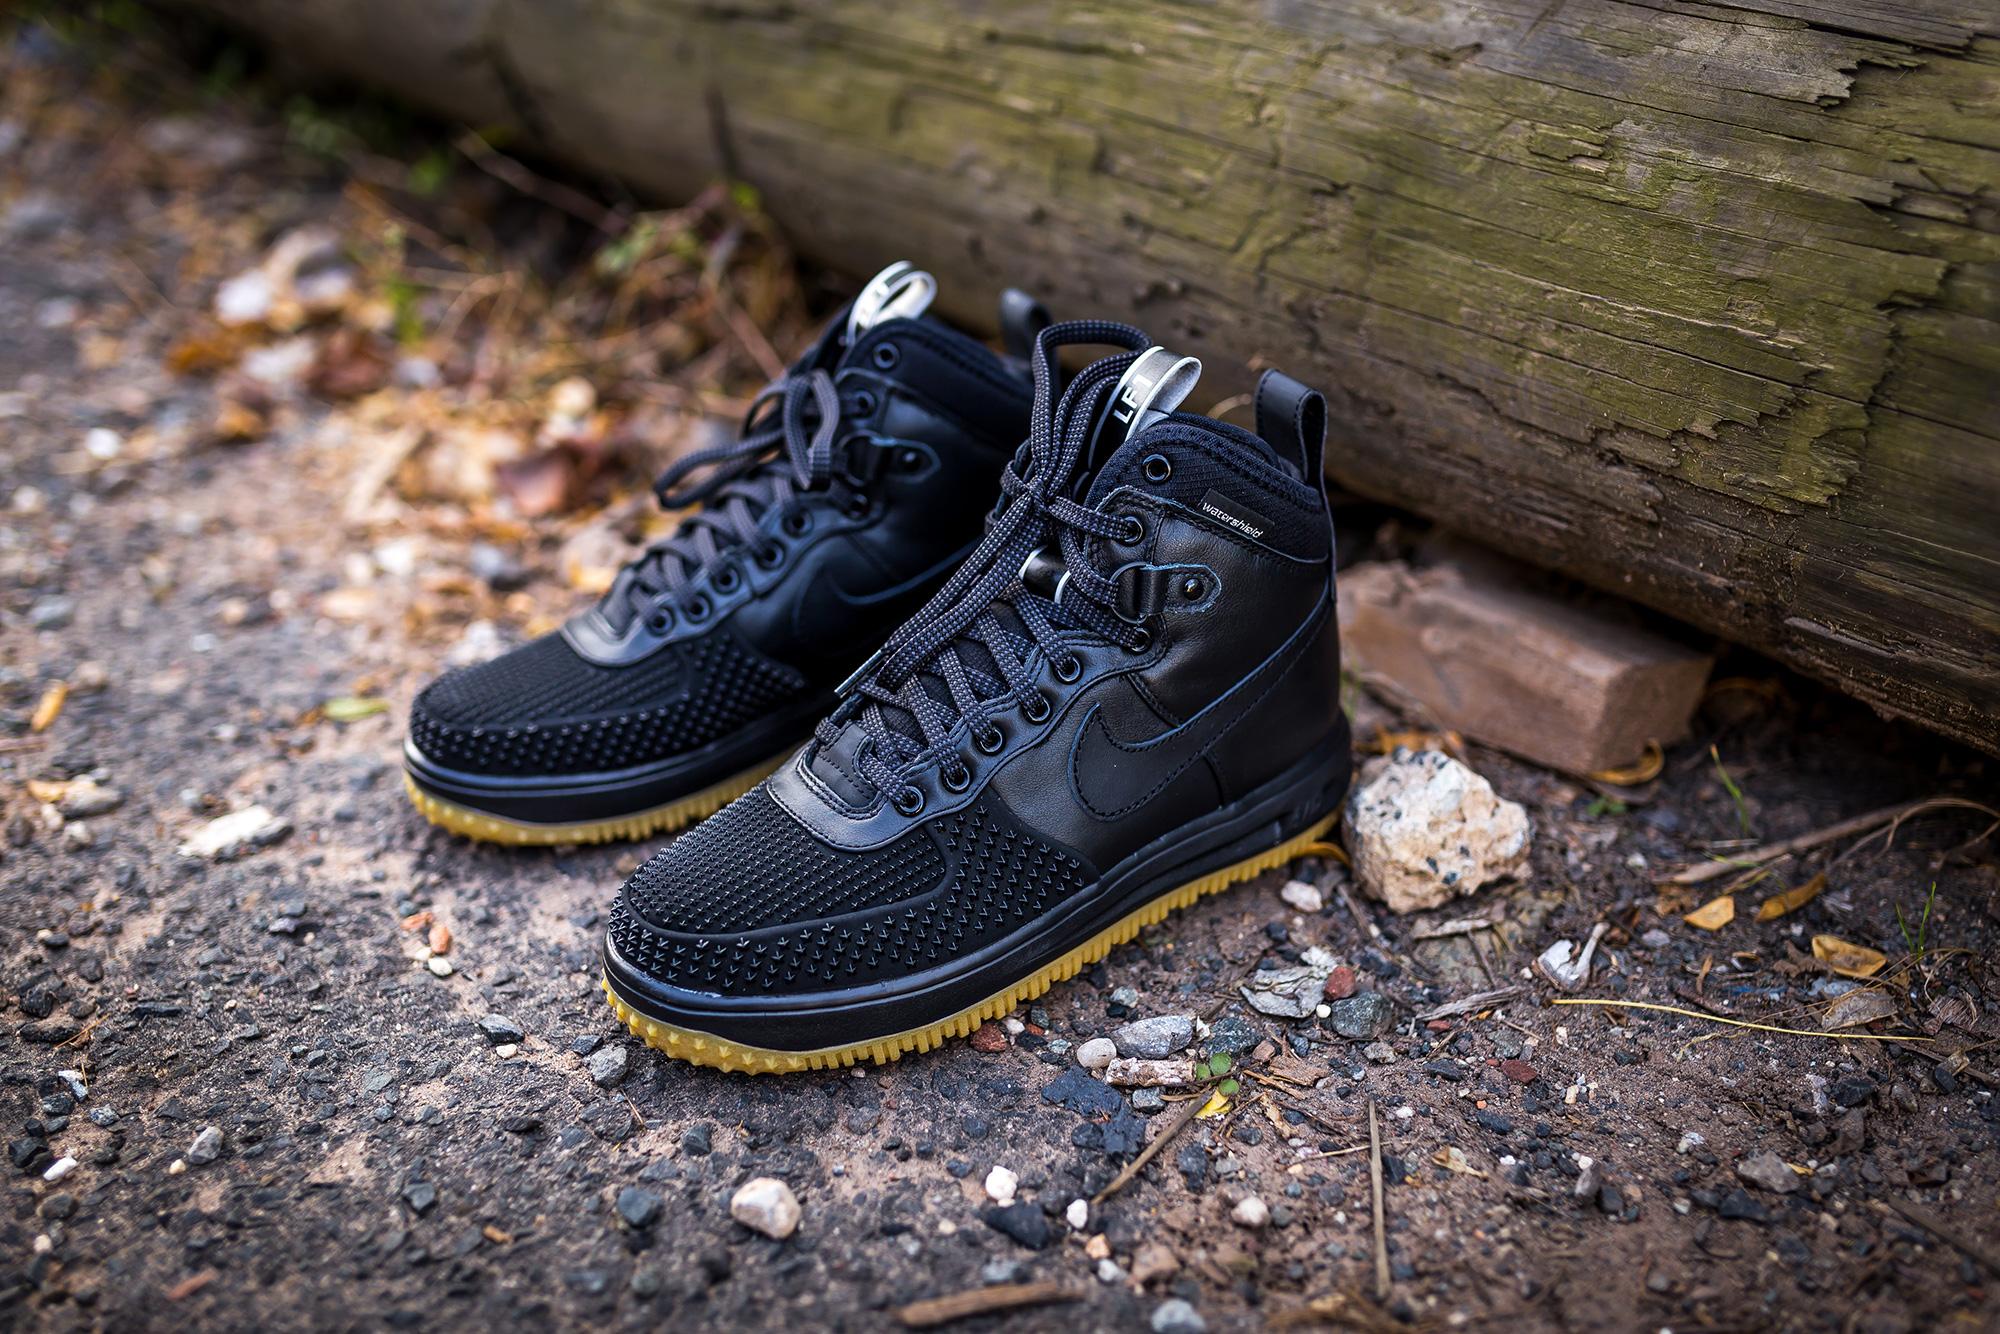 nike lunar force 1 duckboot packer shoes. Black Bedroom Furniture Sets. Home Design Ideas